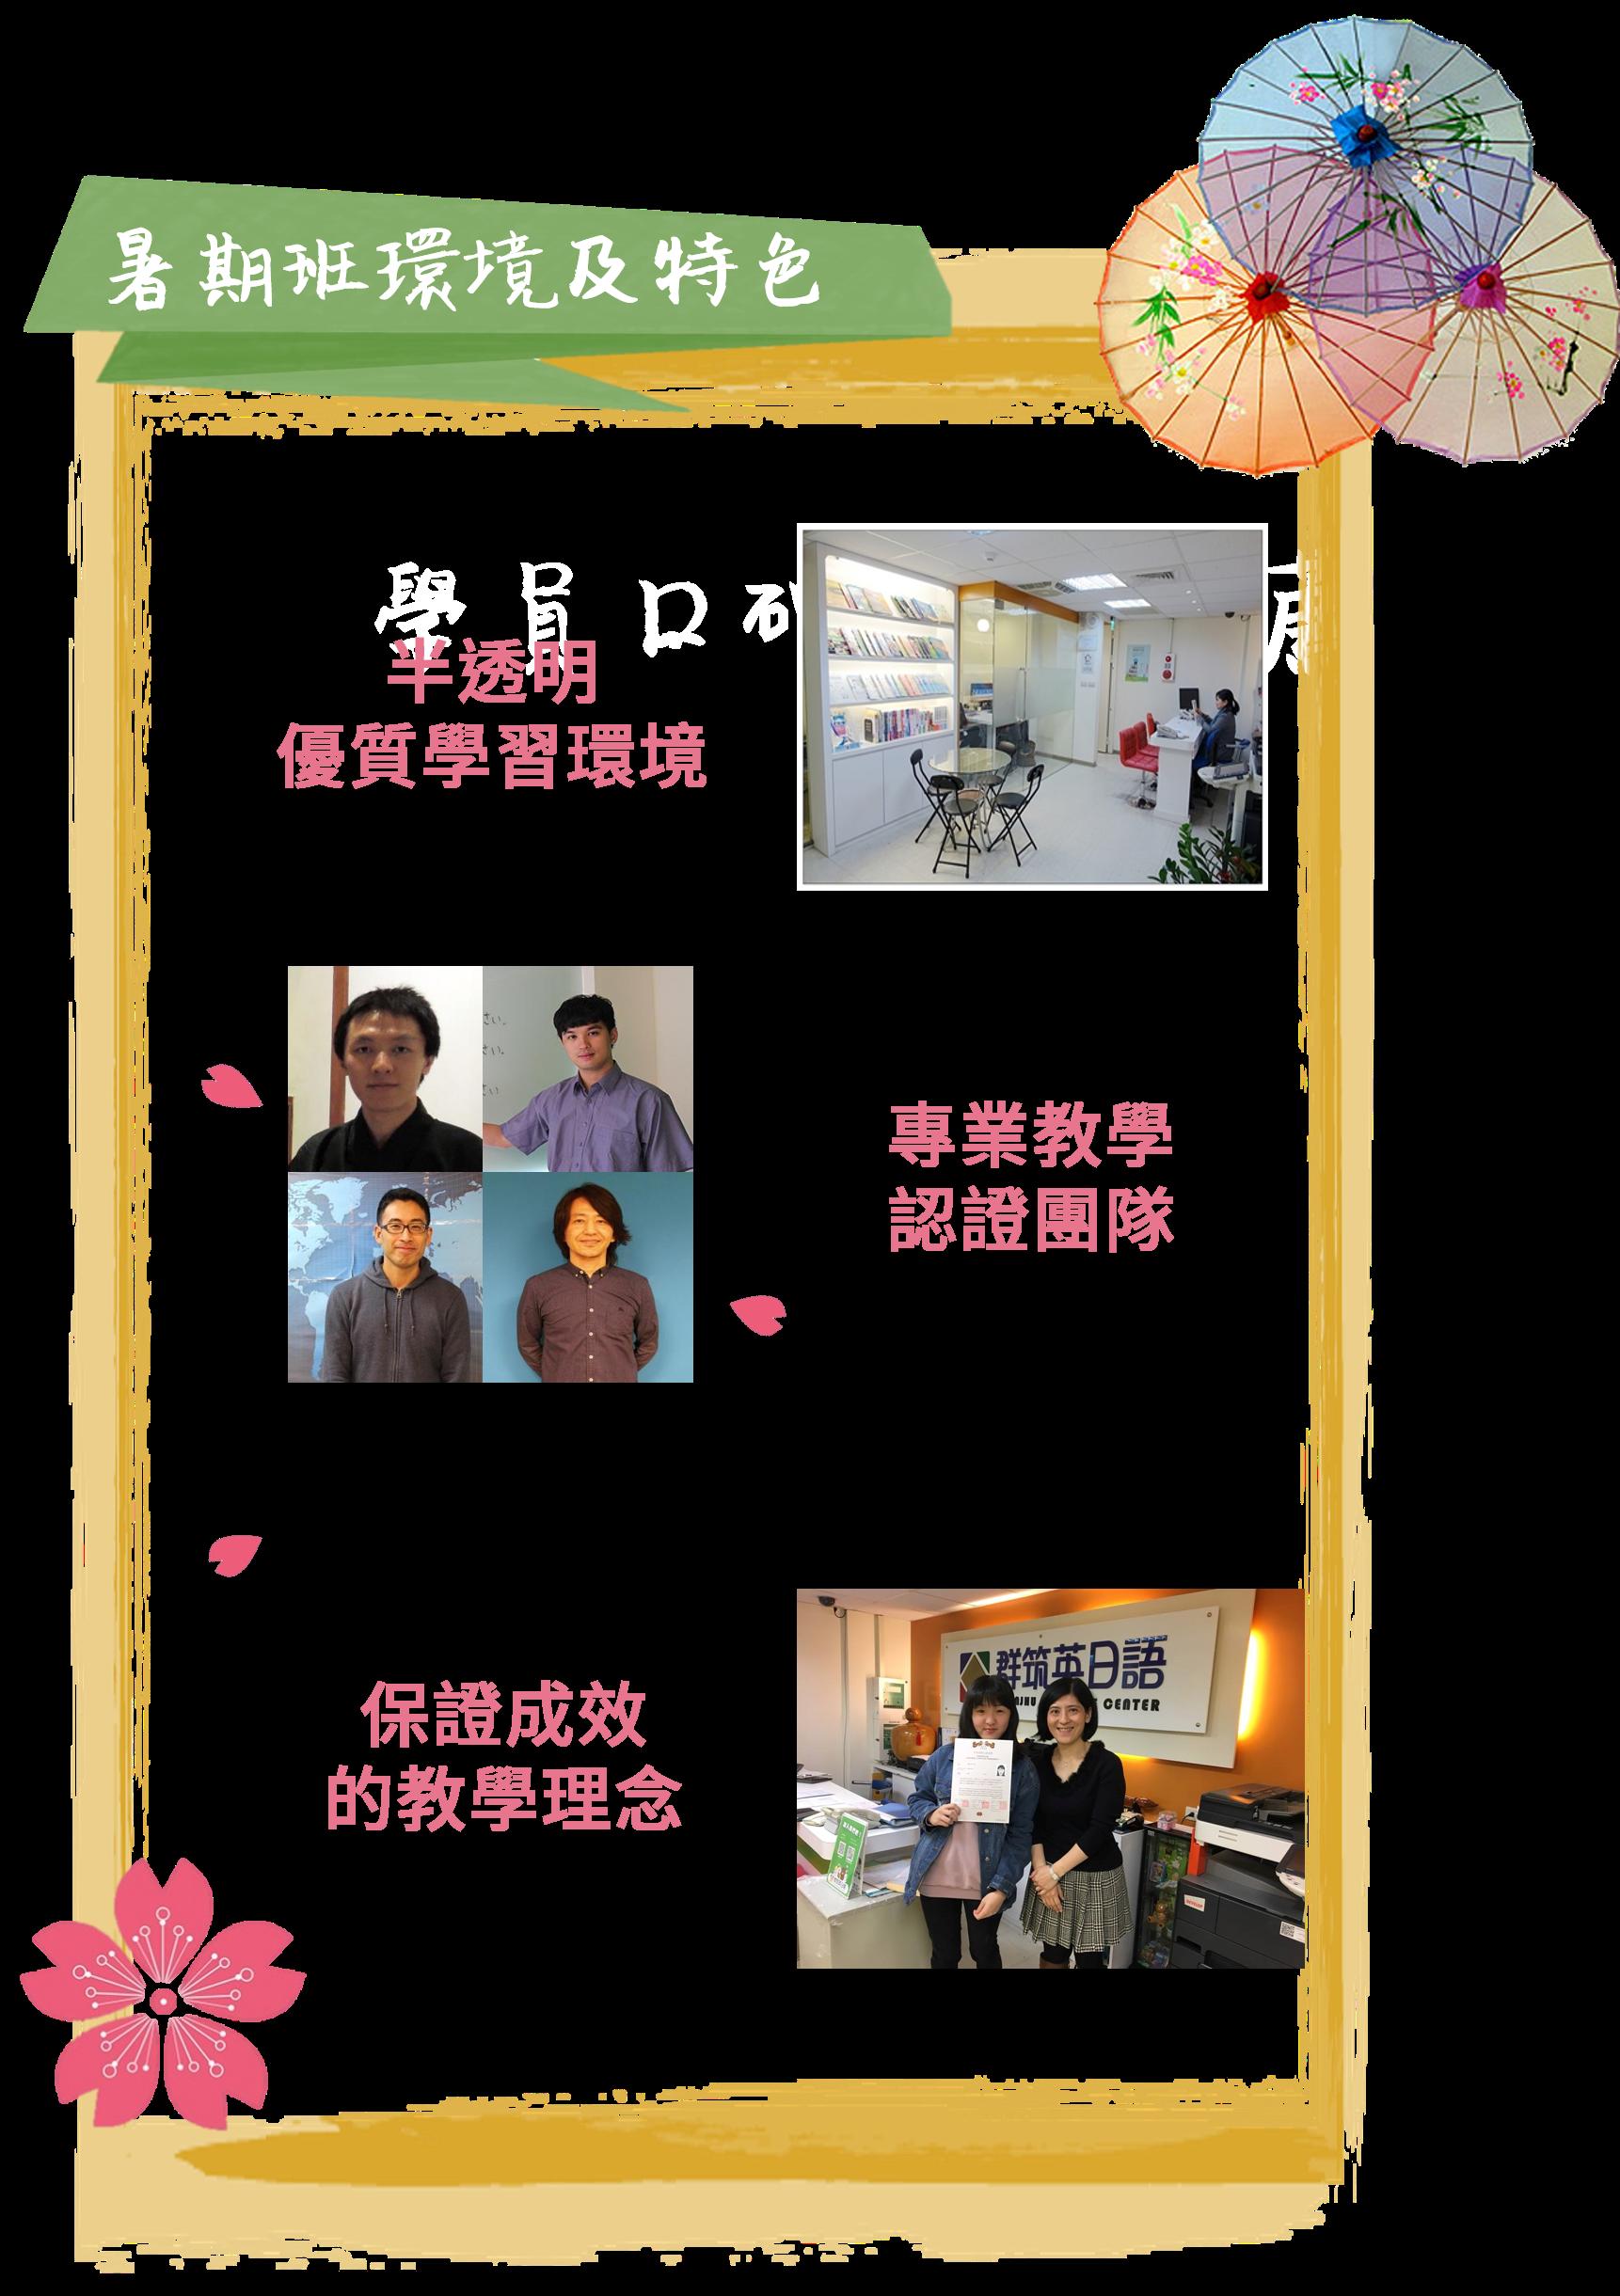 日語暑期密集班擁有優秀的日籍教師團隊、半透明的教室環境及保證成效的效果,是最適合學生的日語課程